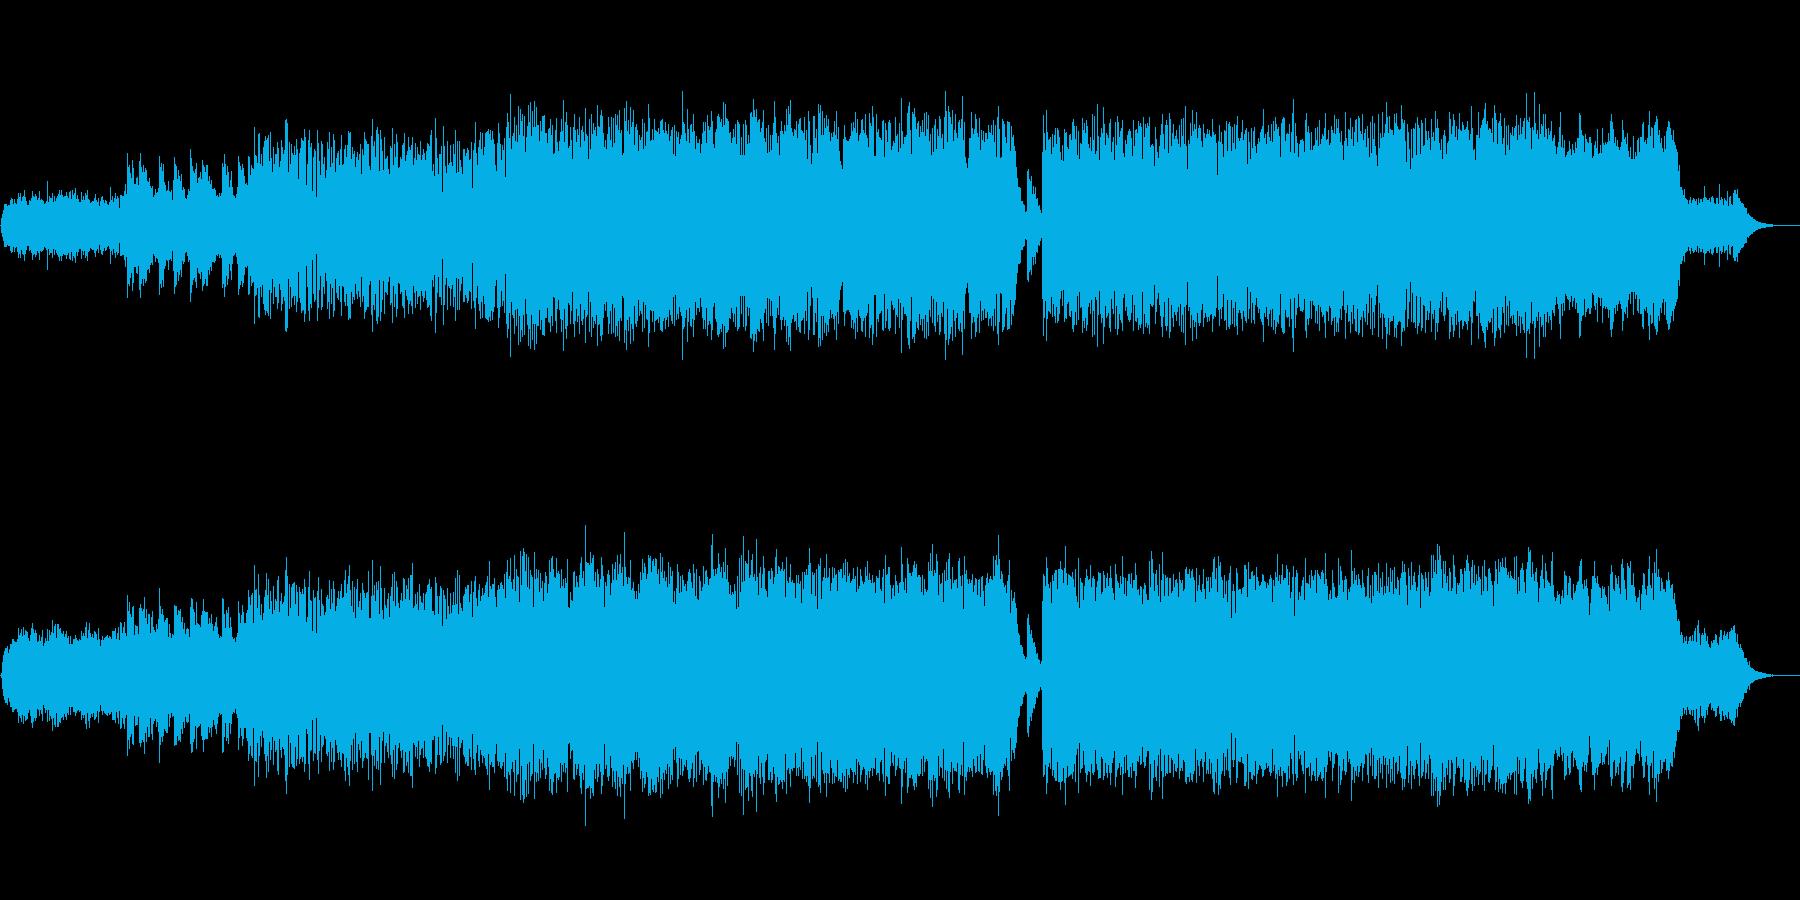 幻想的で哀愁感のあるエレクトロニカの再生済みの波形